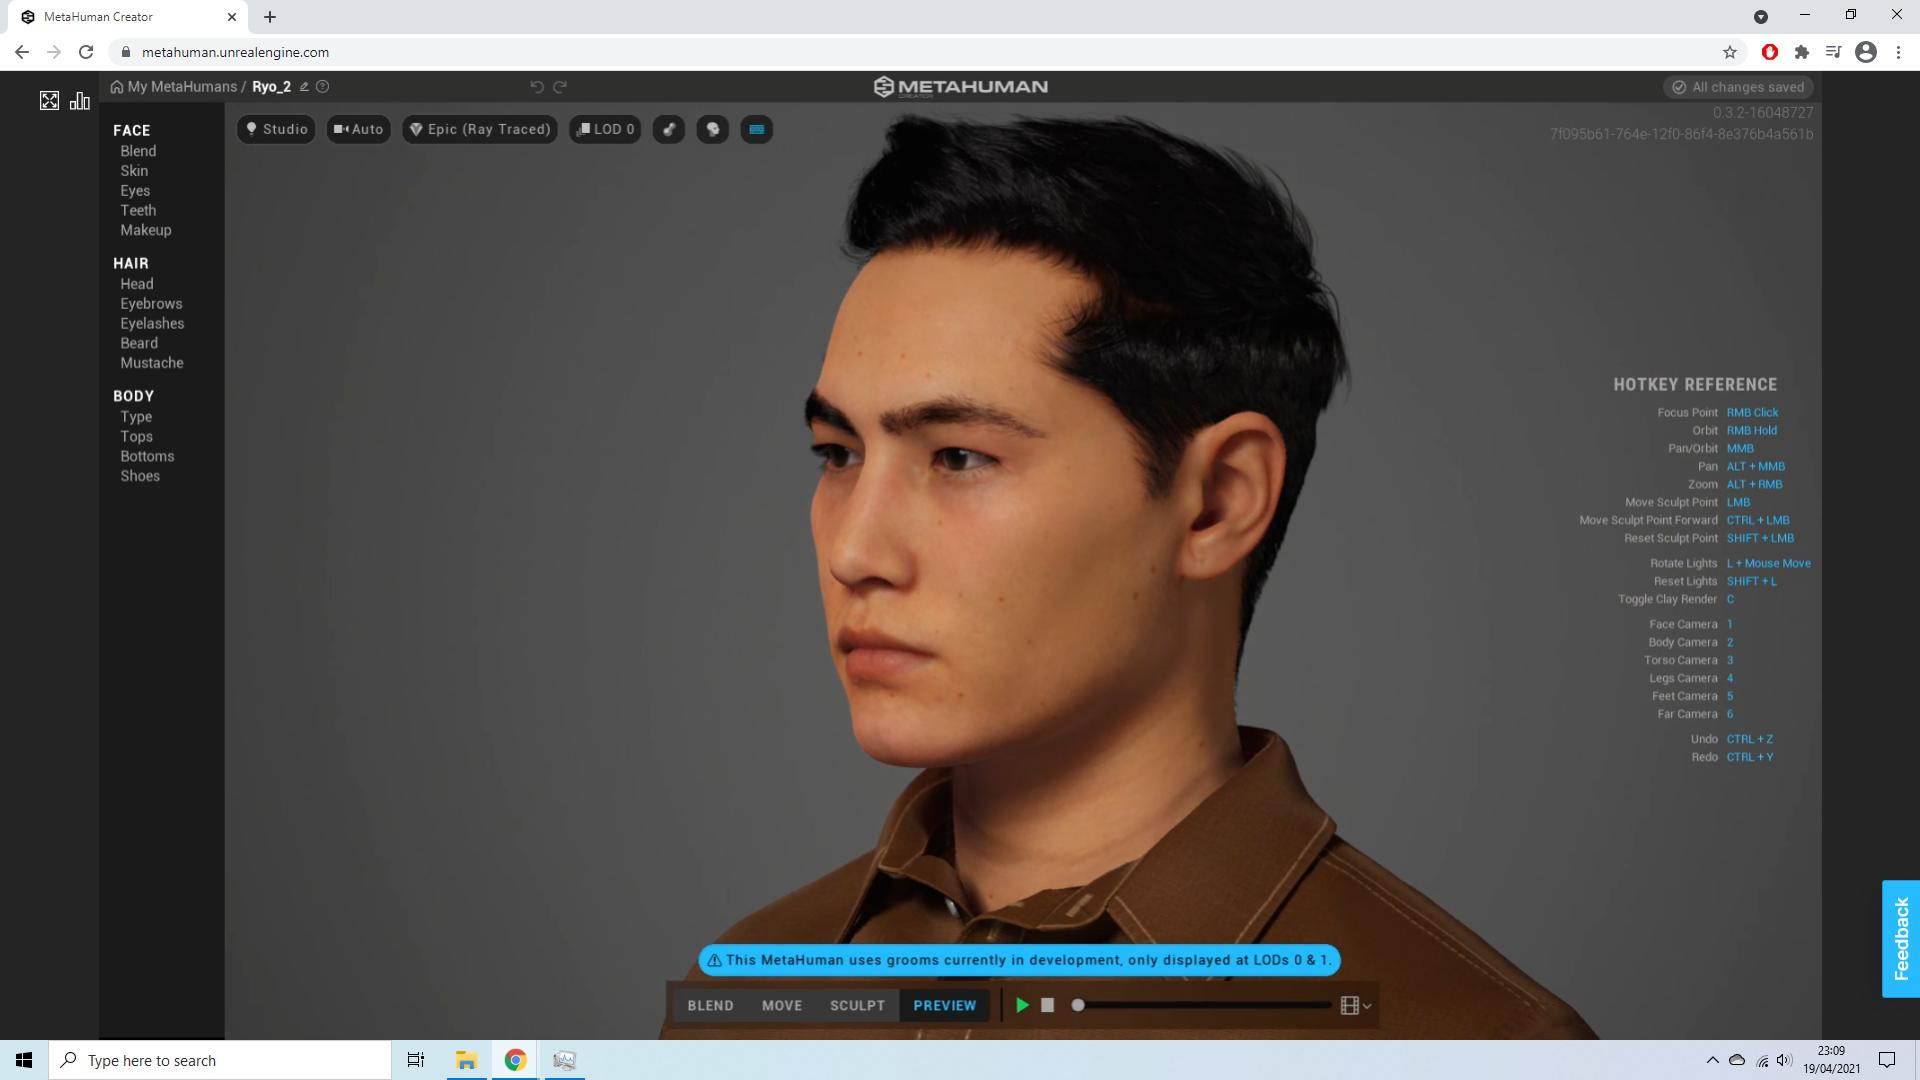 desktopscreenshot202157jle.png